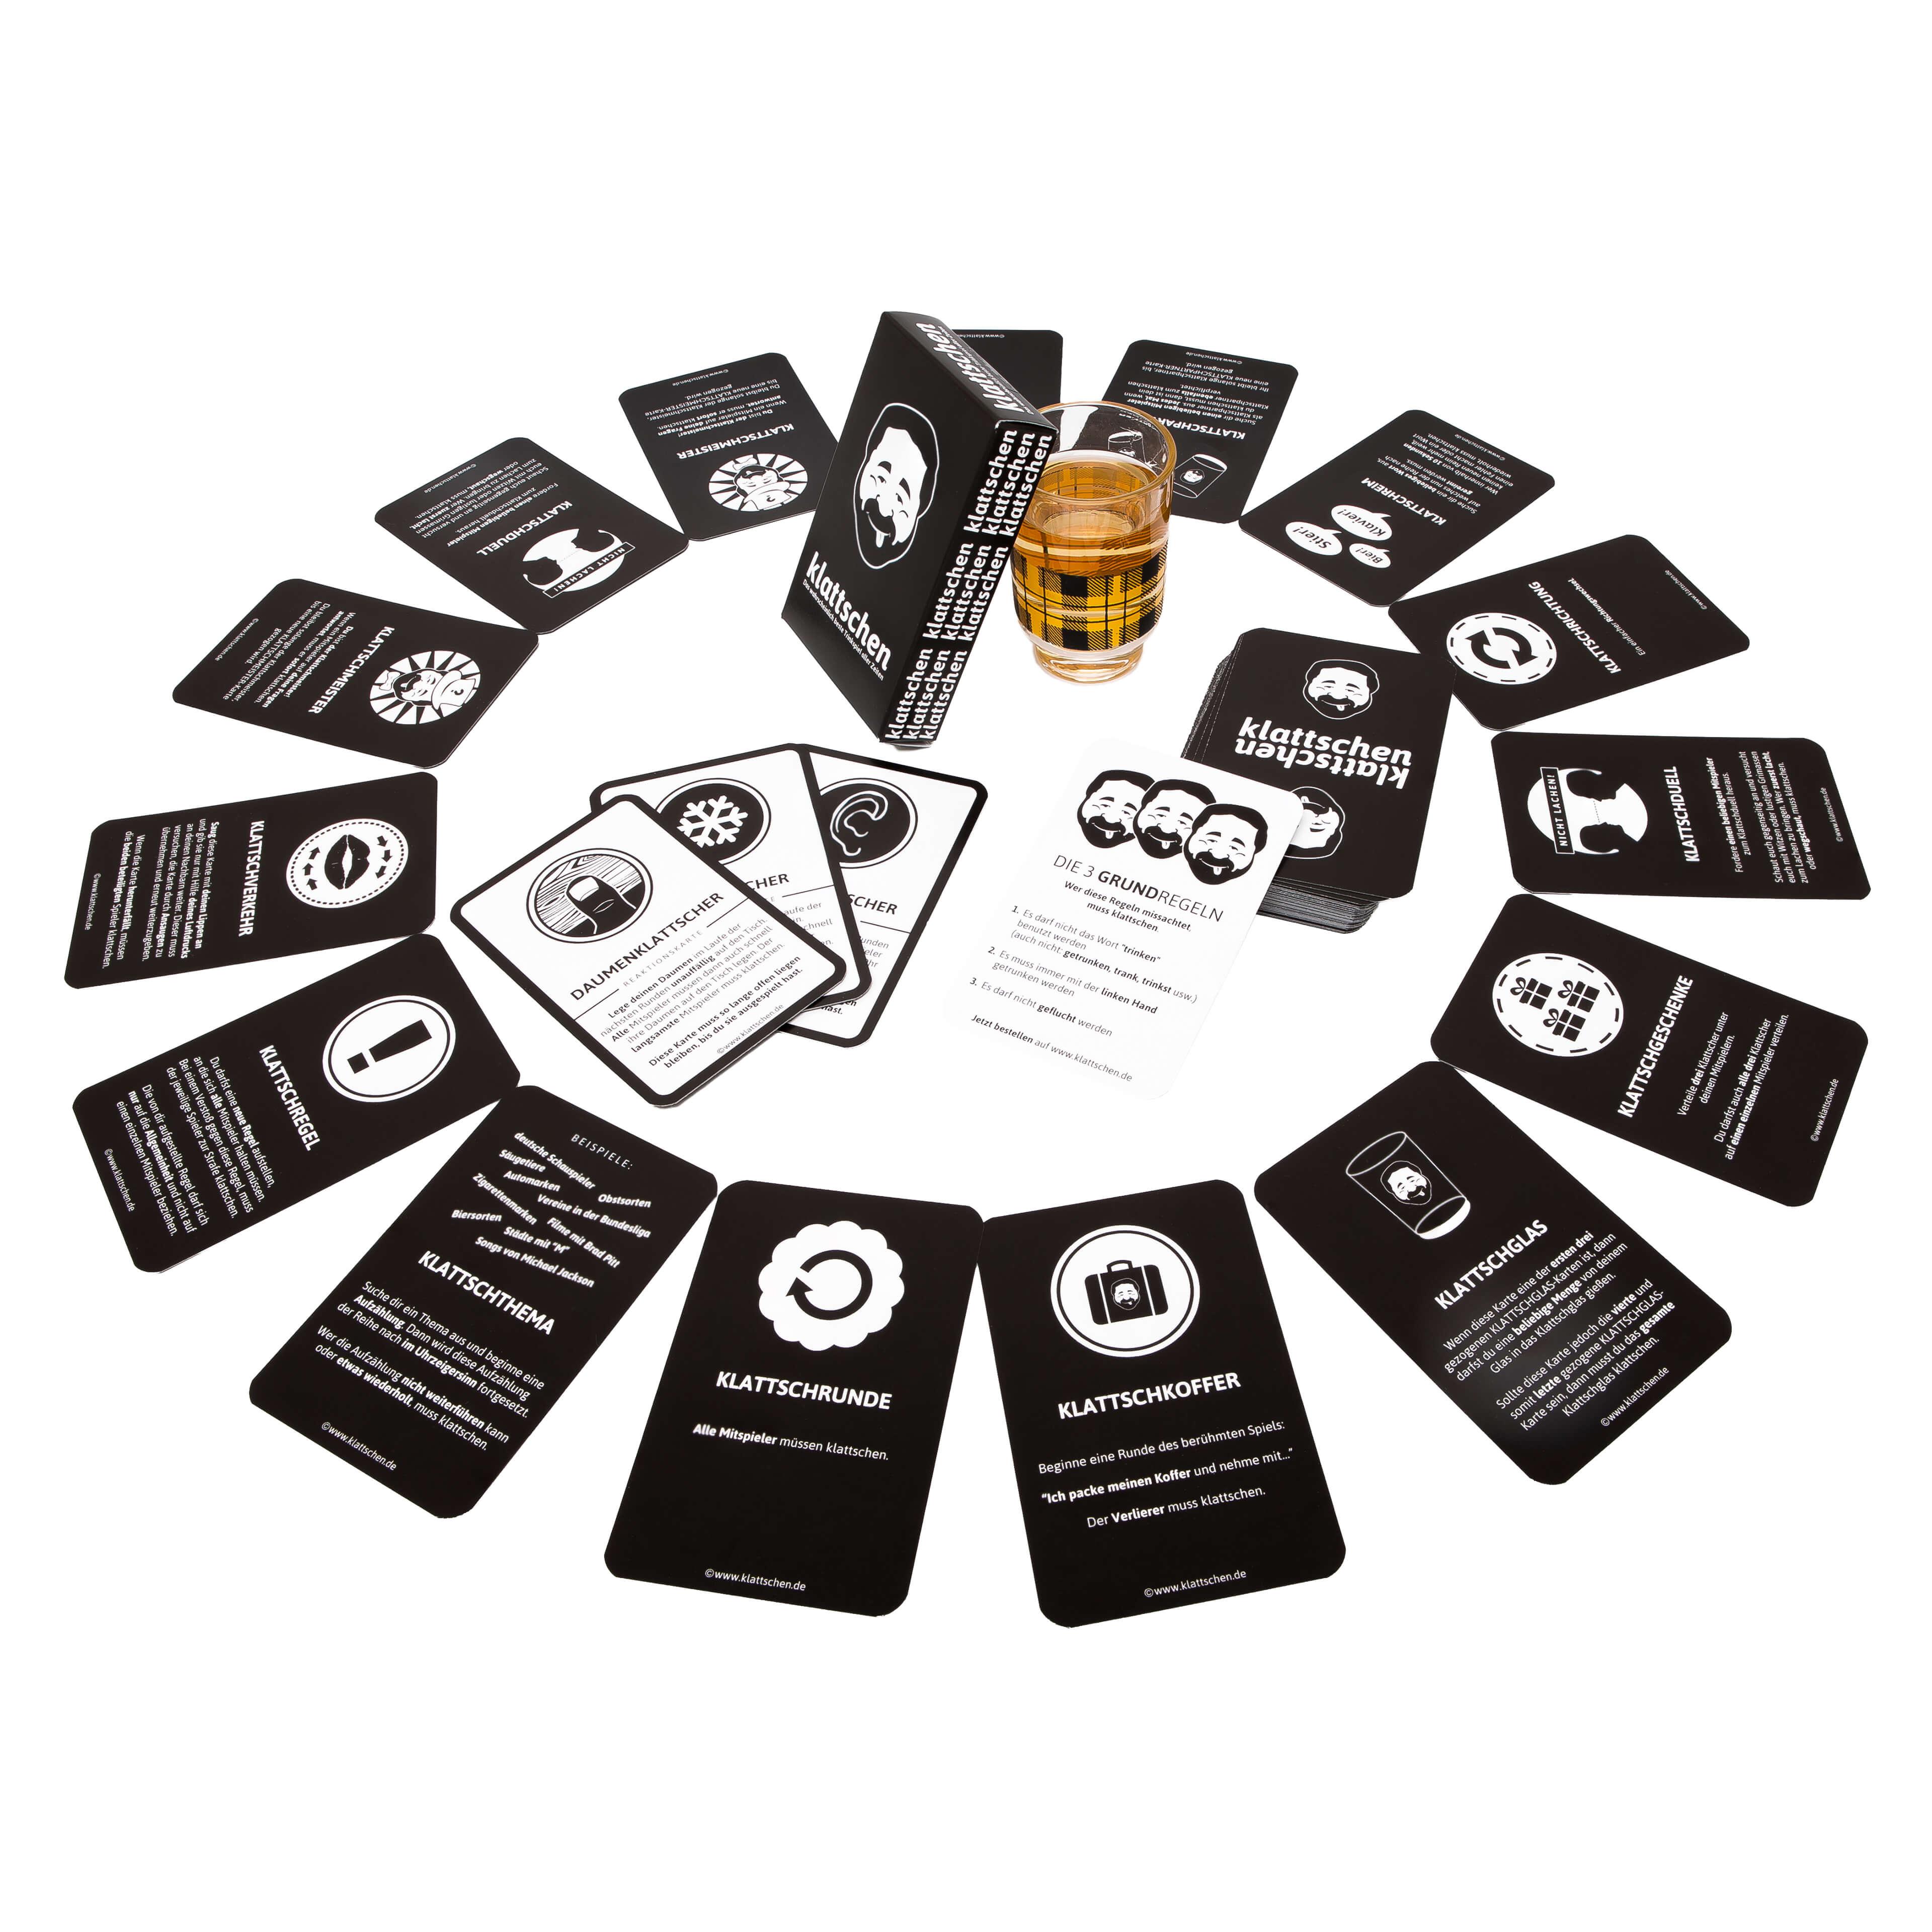 Spielkarten- klattschen - Das wahrscheinlich beste Trinkspiel aller Zeiten